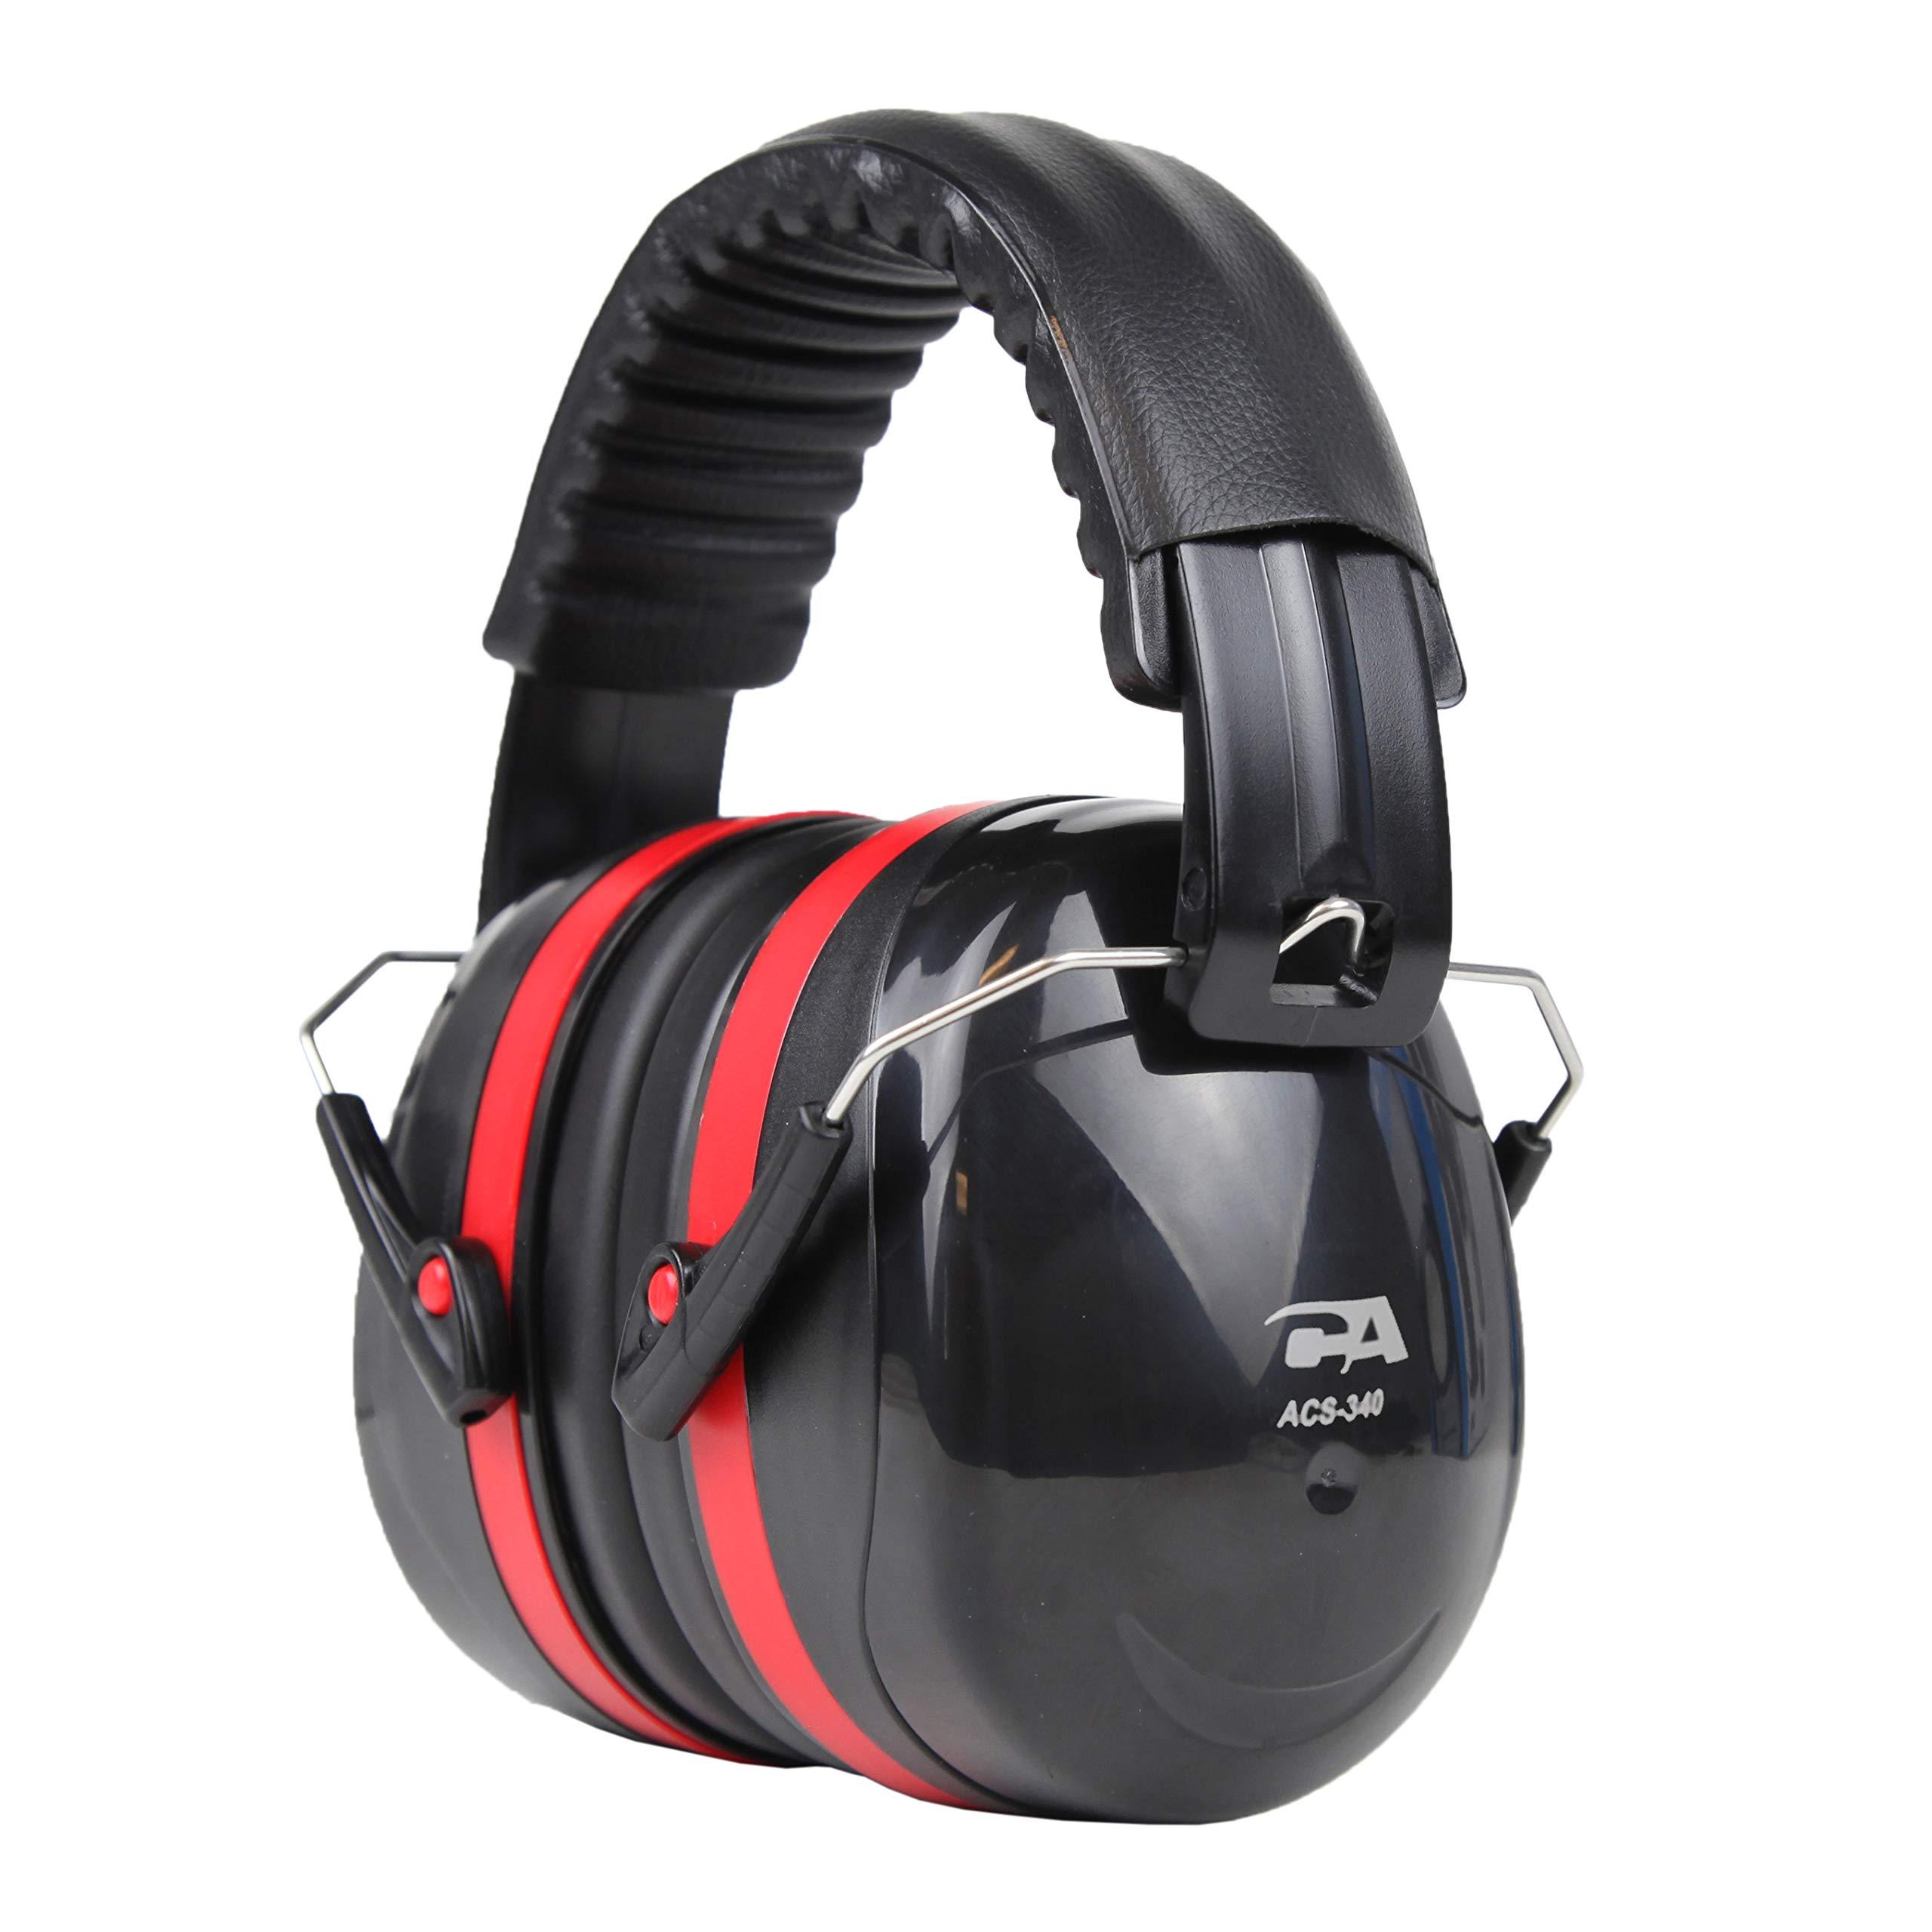 Cyber Acoustic Ear Muffs